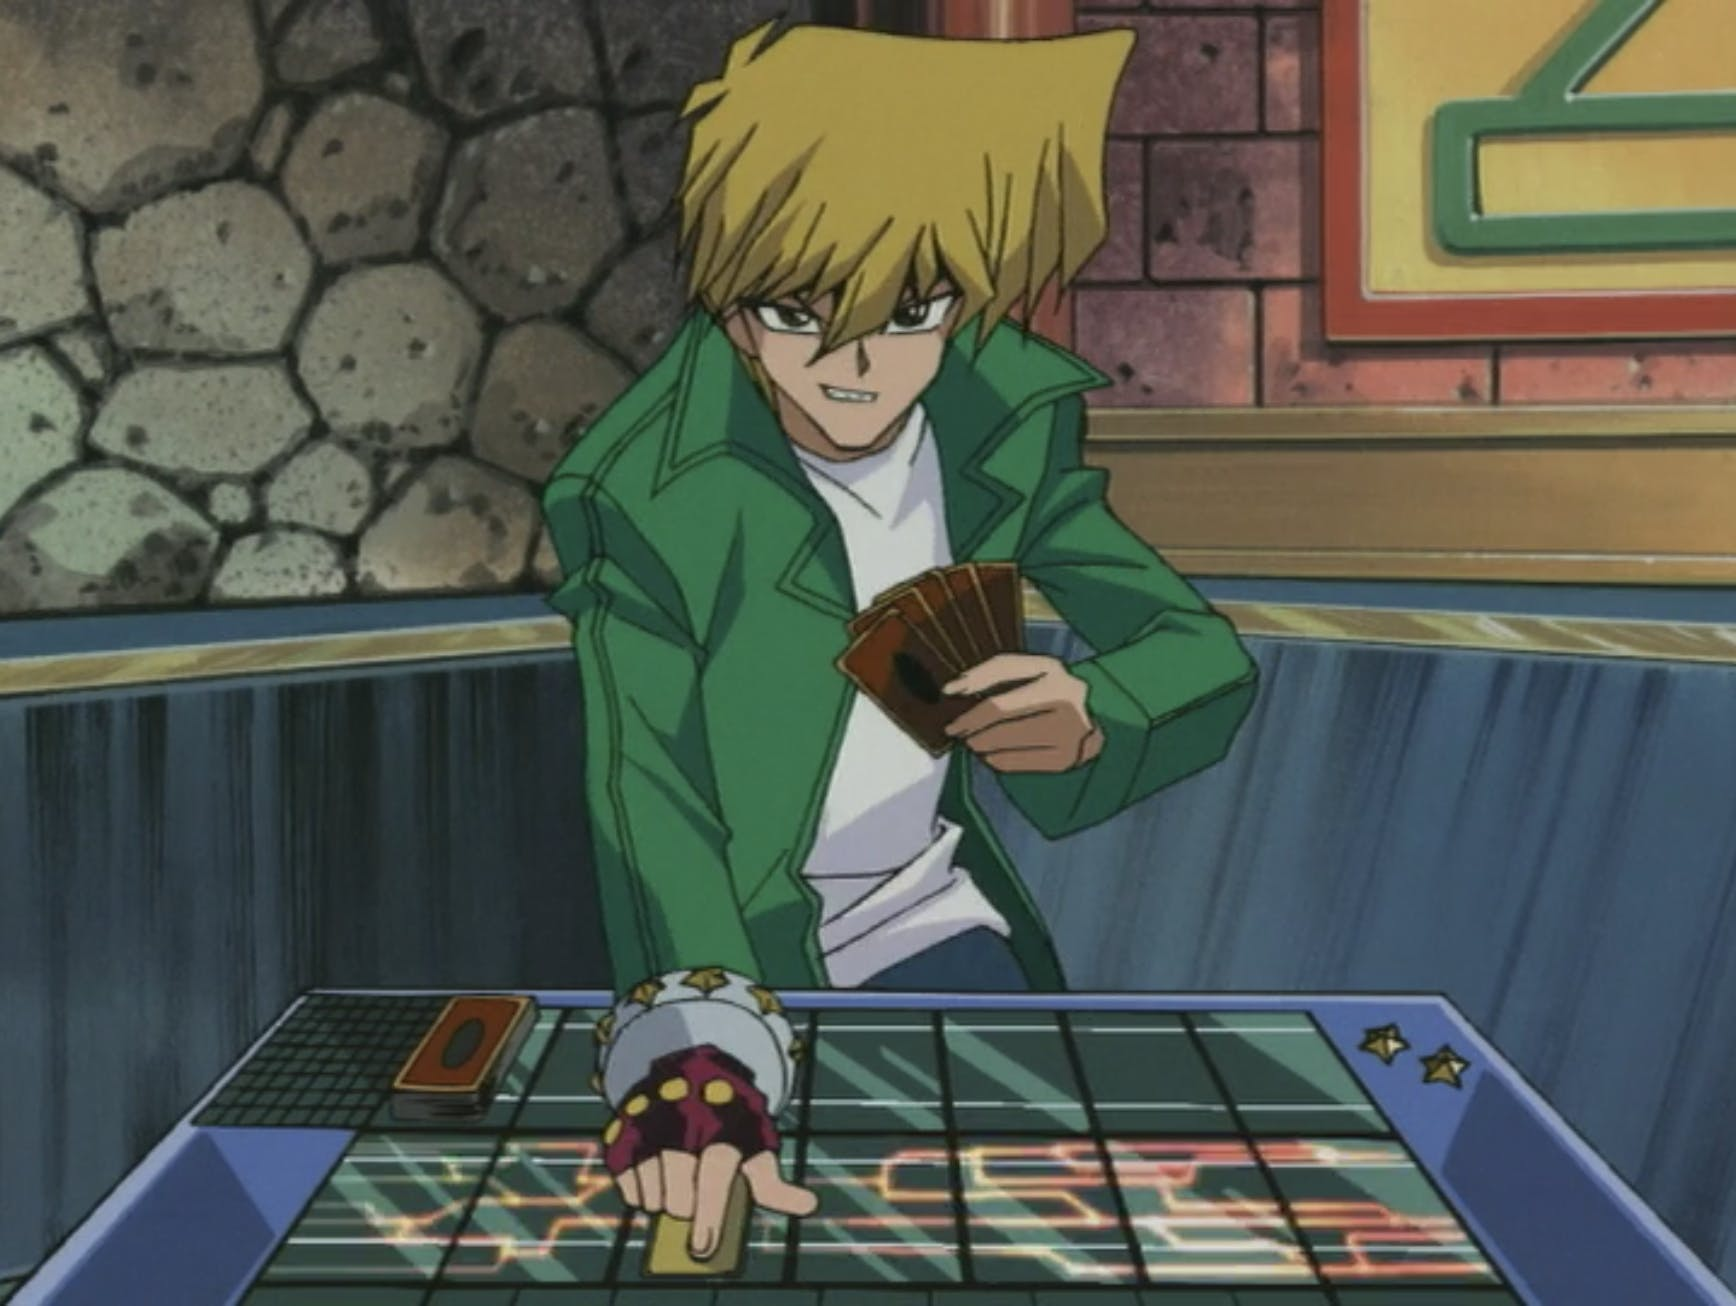 anime on netflix - Yu-Gi-Oh!